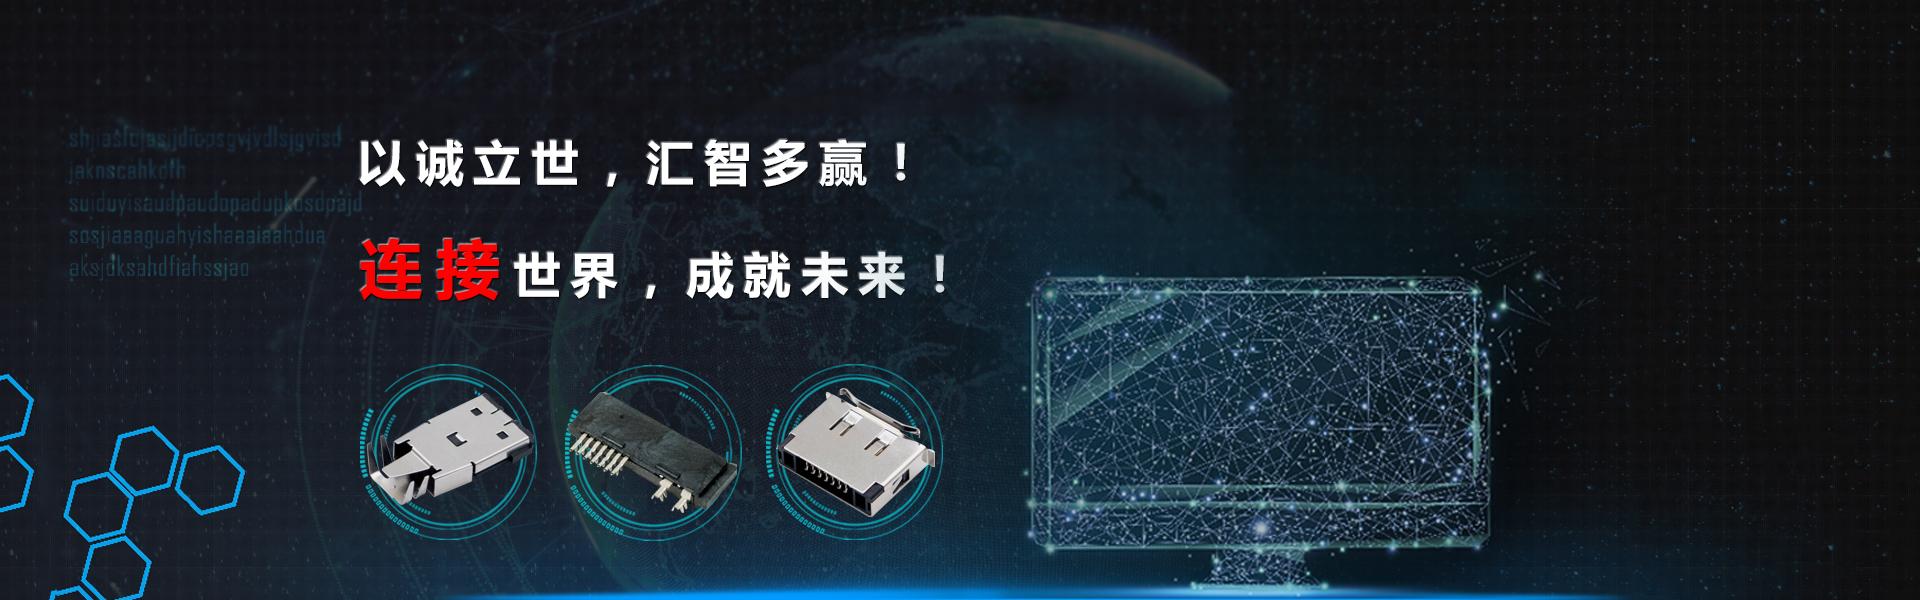 硬盘连接器